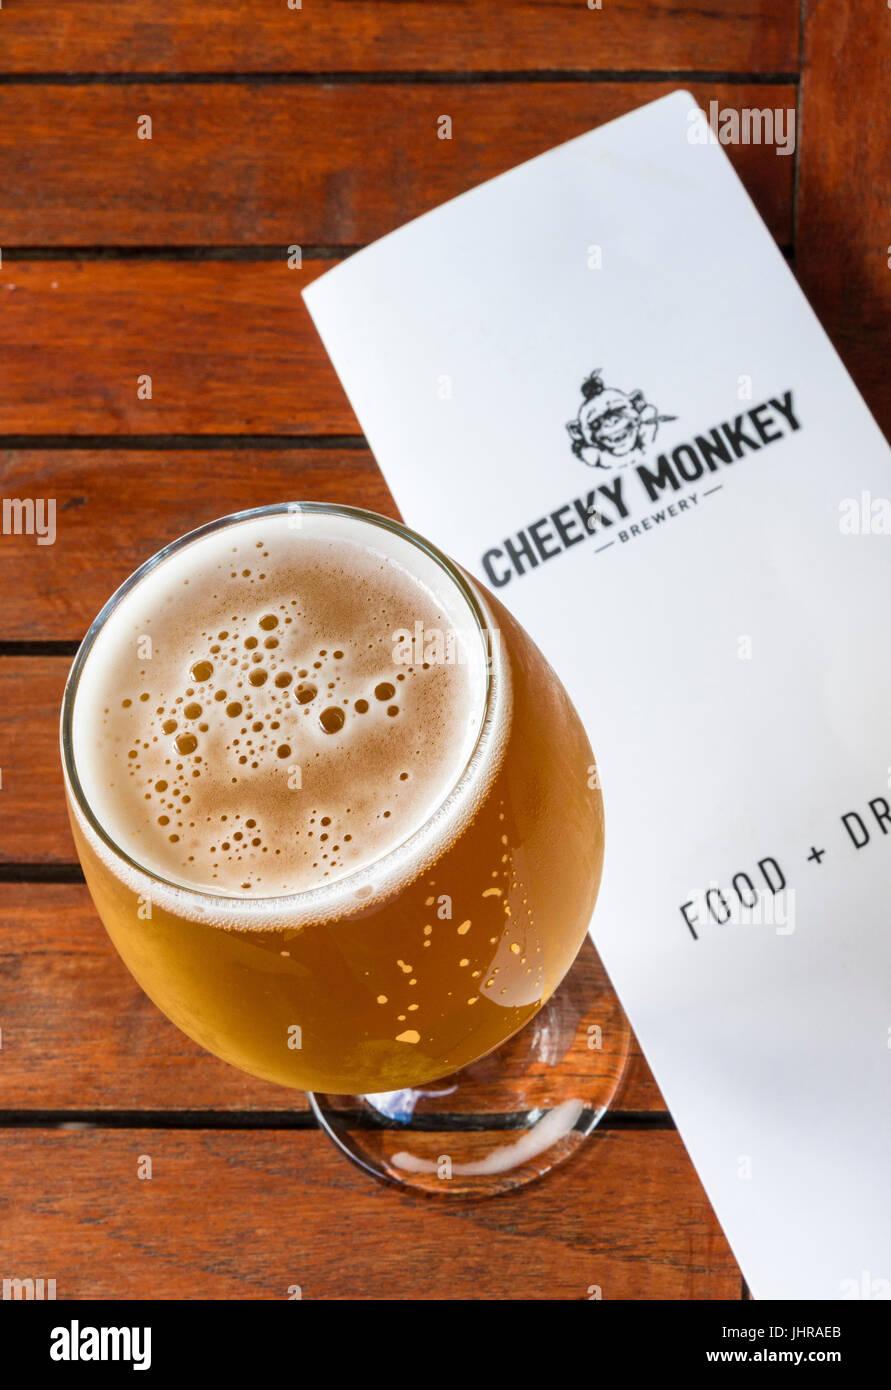 Konzentrieren Sie sich auf ein Glas Bier blond Ale bei den frechen Affen Brauerei, Wilyabrup, Western Australia Stockbild